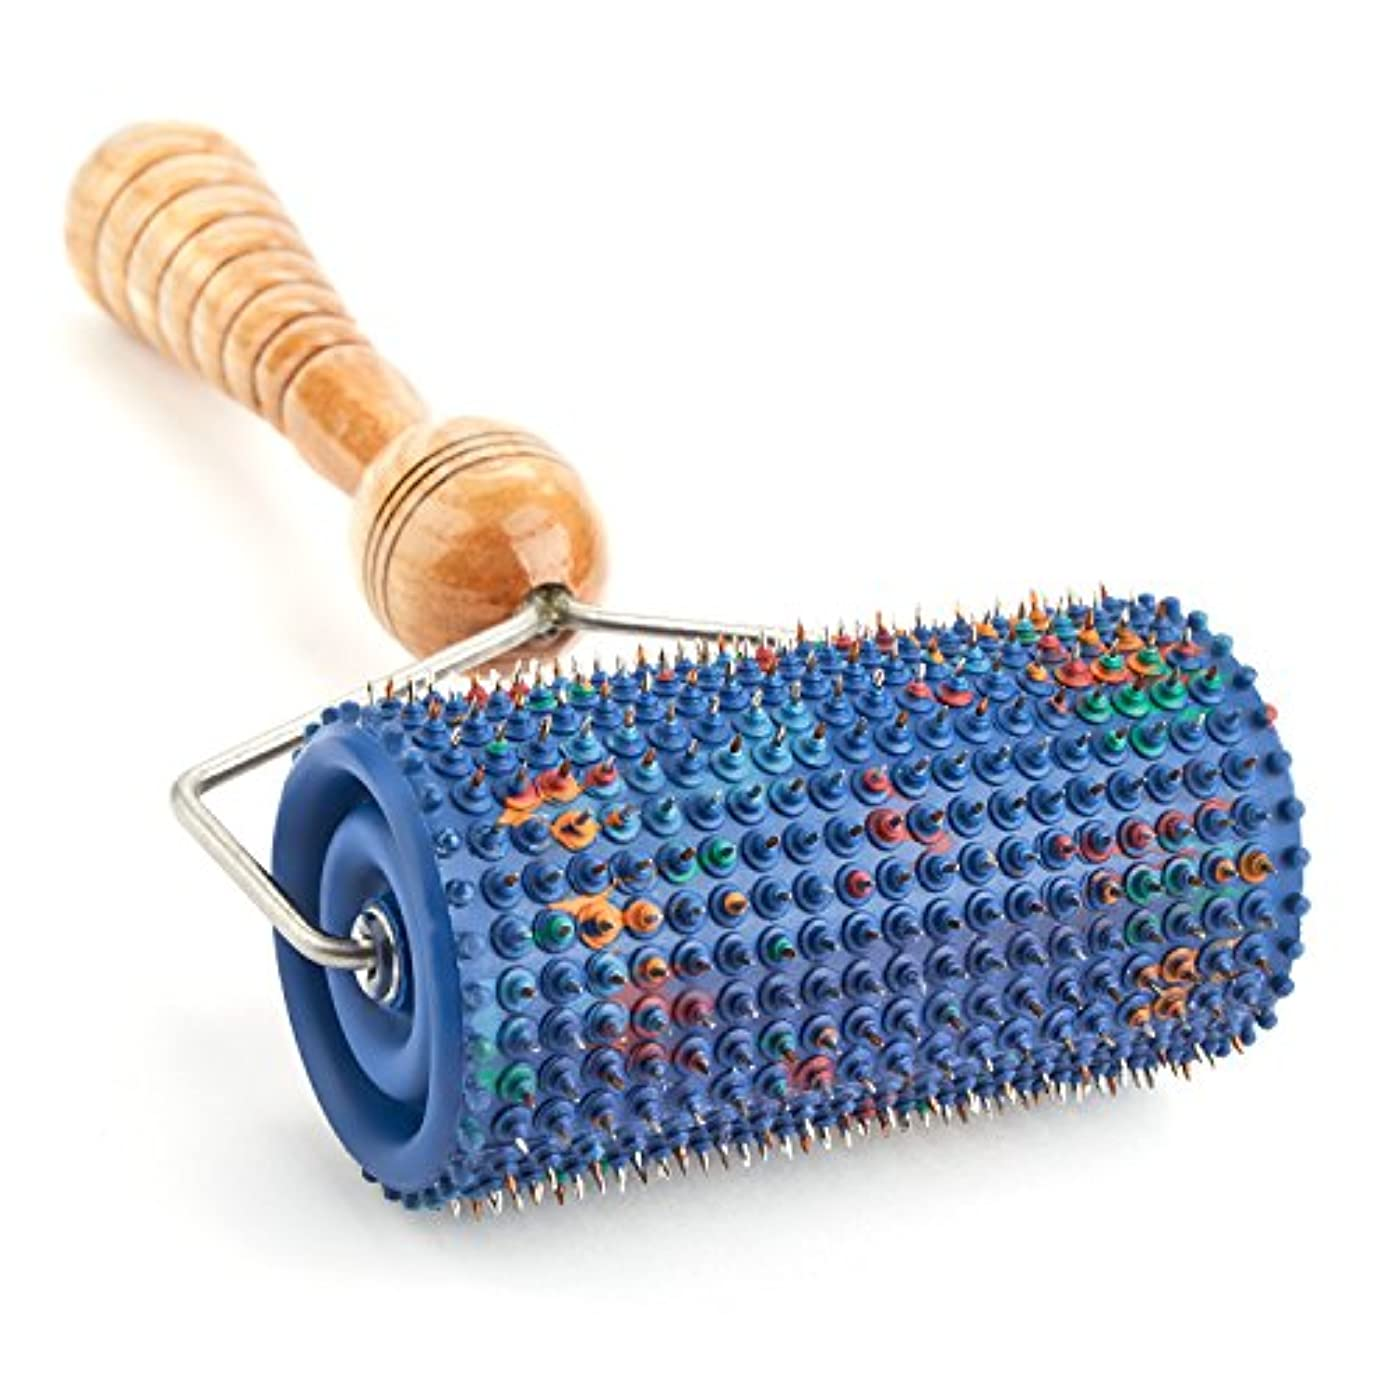 電球ライトニング会議LYAPKOビッグローラーマッサージャー5.0 シルバーコーティング 指圧570針使用。体の広範囲のマッサージ用。ユニークなアプリケーター治療 セルフ ダイナミック マッサージ ツール Big Roller Massager...